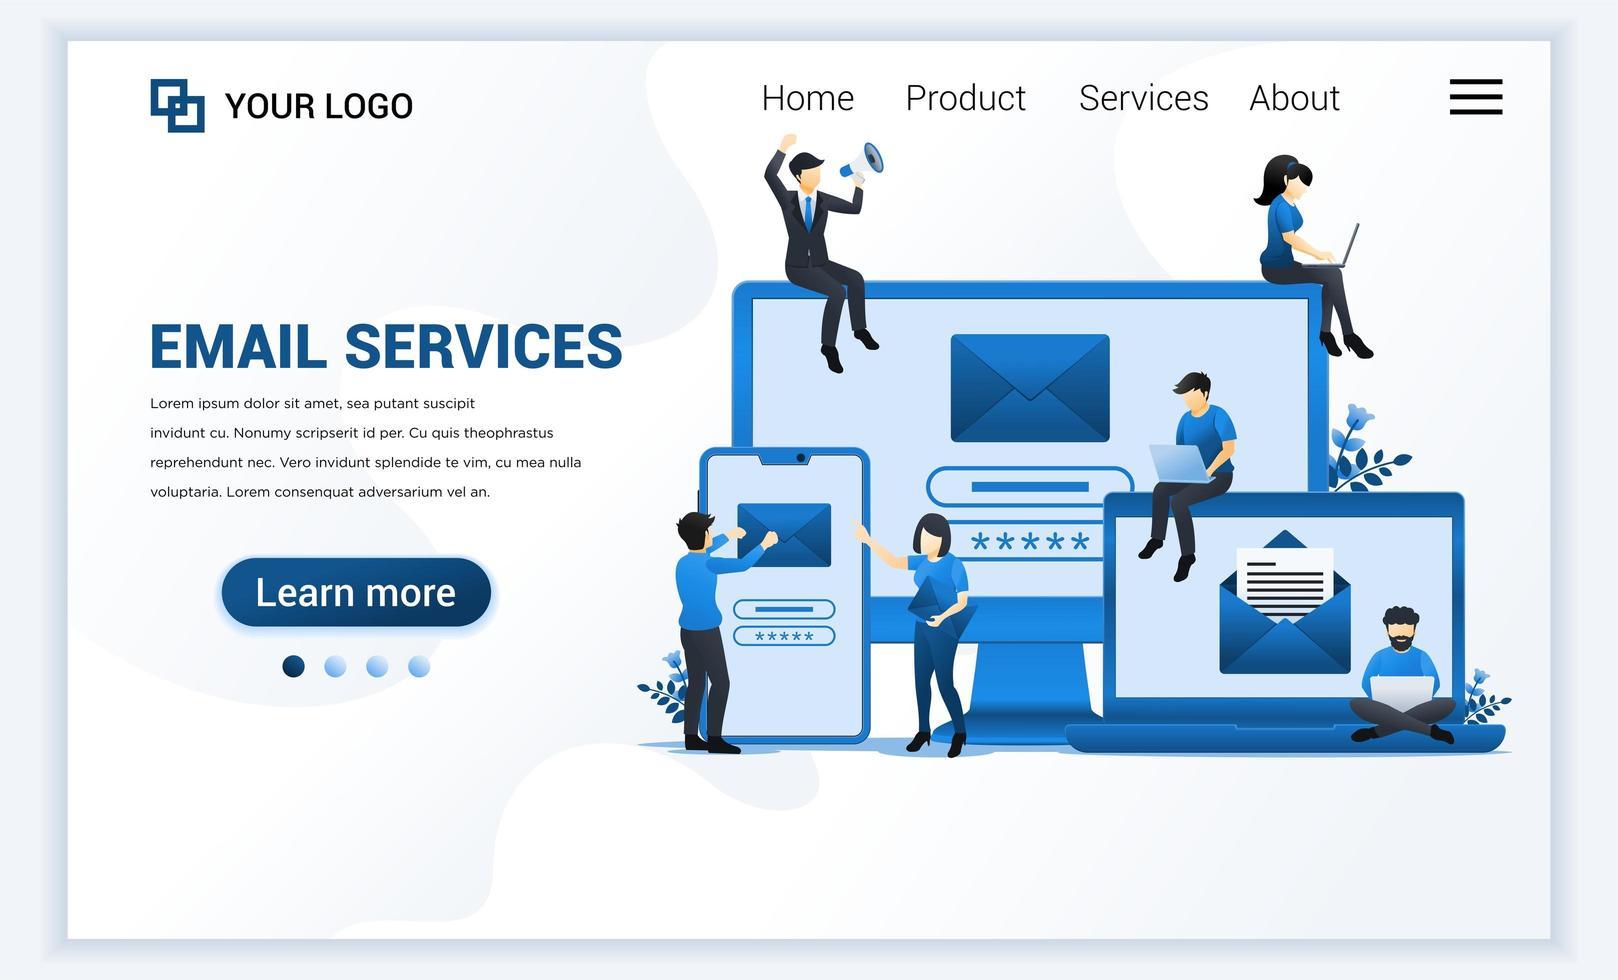 modelo de página de destino de marketing por e-mail, serviços de mala direta com pessoas que trabalham em dispositivos. conceito de design moderno de página da web plana para site e site móvel. ilustração vetorial vetor